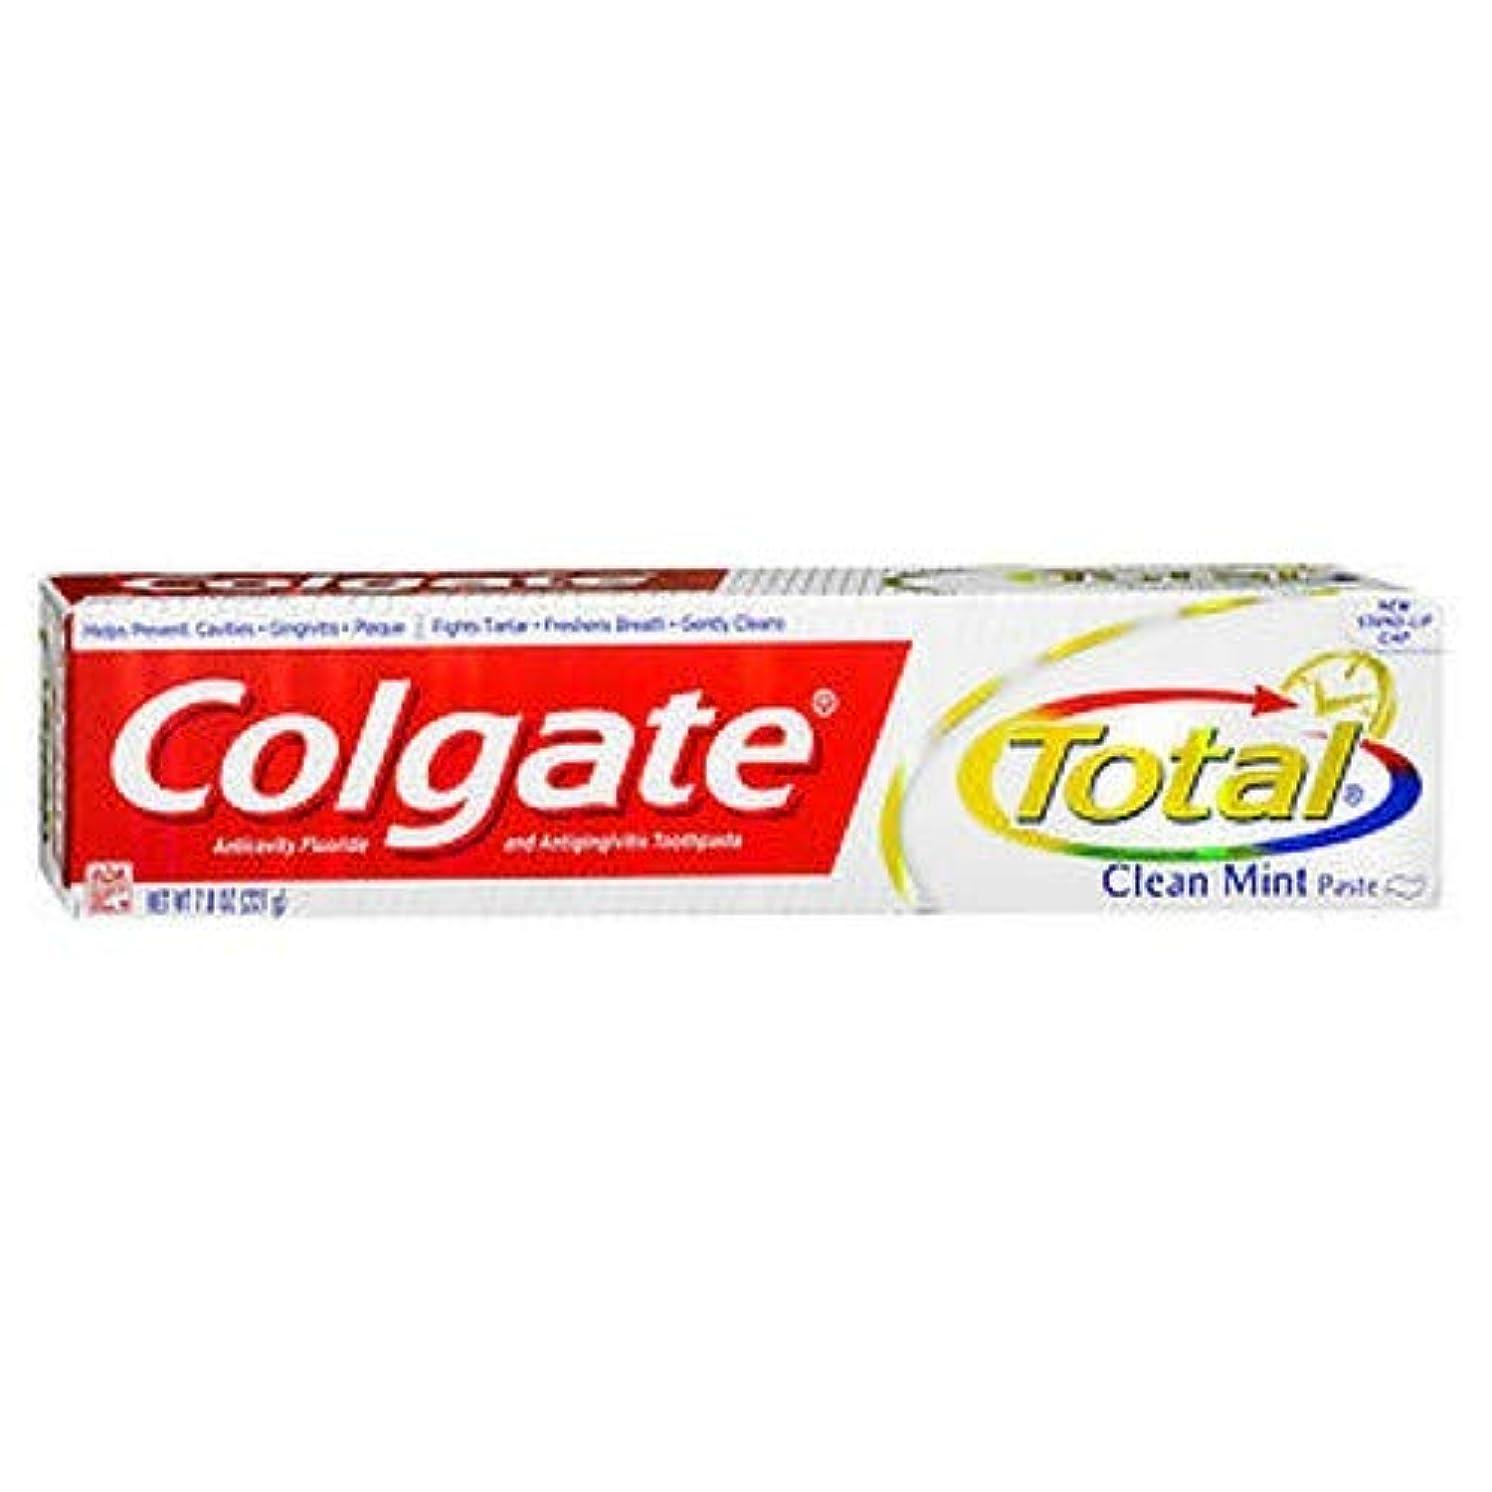 差別化するバドミントン反逆者Colgate 総フッ化物の歯磨き粉クリーンミント、7.80オンス(4パック)